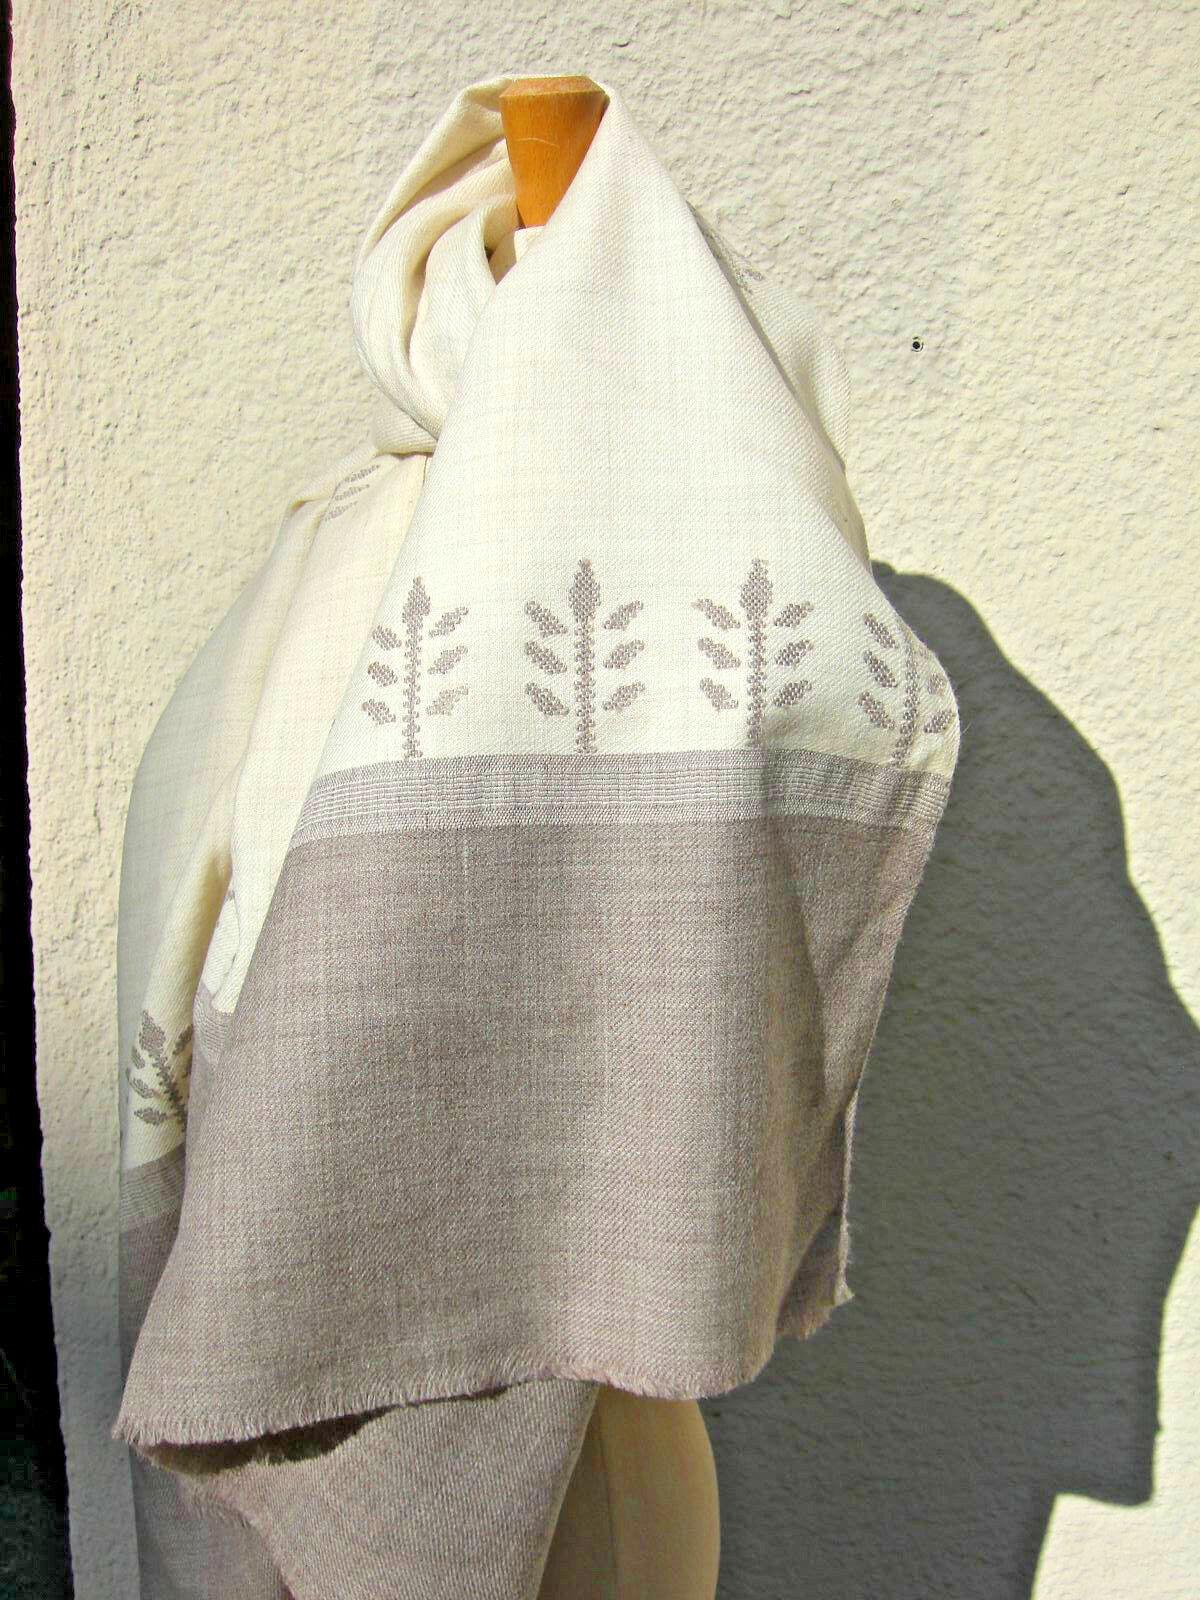 Wollschal Wolltuch Wollstola Damenschal Wolle Kullu Design Design Design v. Hand gewebt DSW-03 | Vorzüglich  | Mangelware  e9d1e7